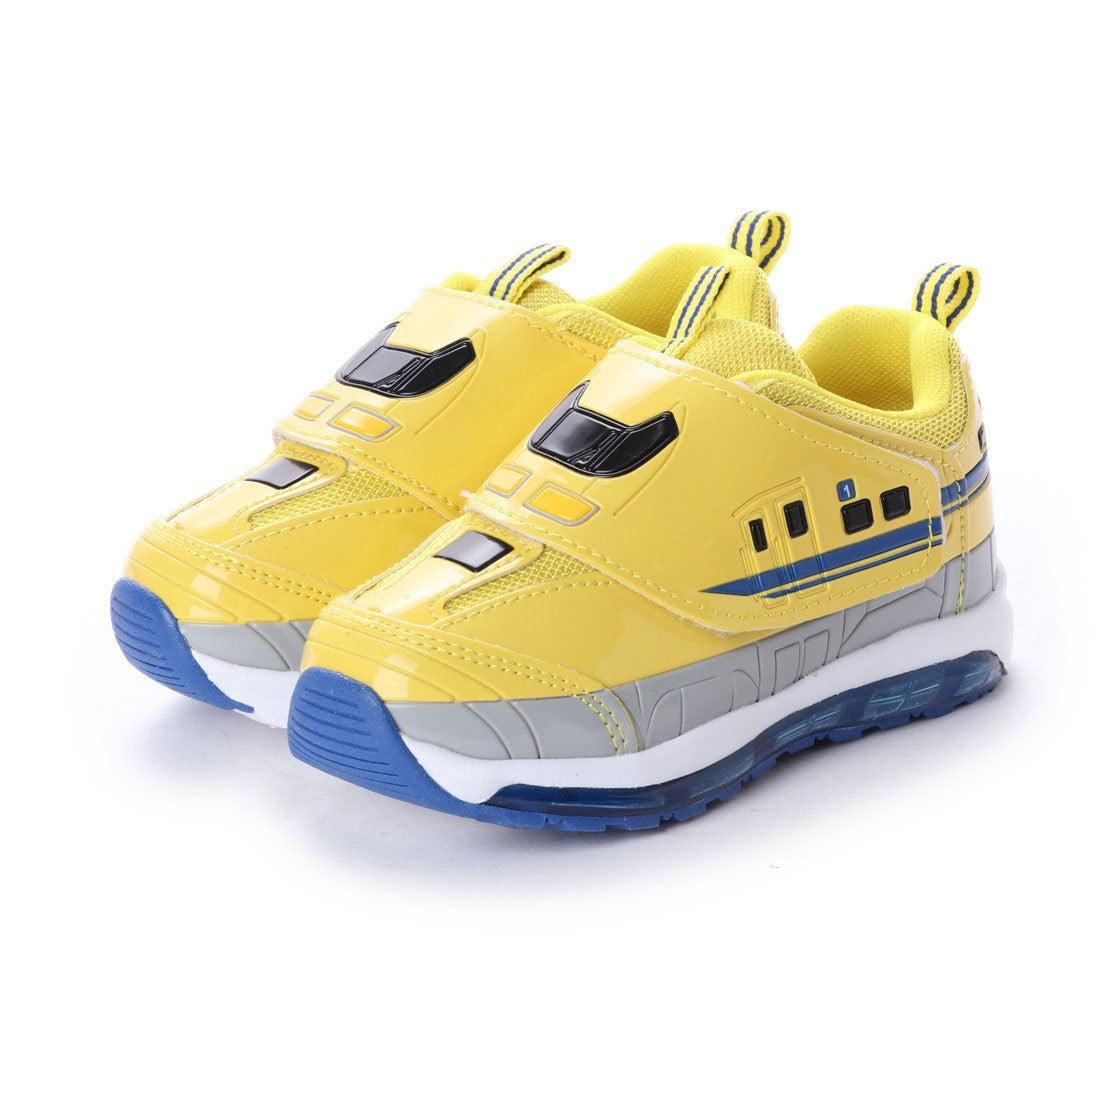 プラレール PLARAIL プラレール PLARAIL16170 光る靴 (YELLOW)